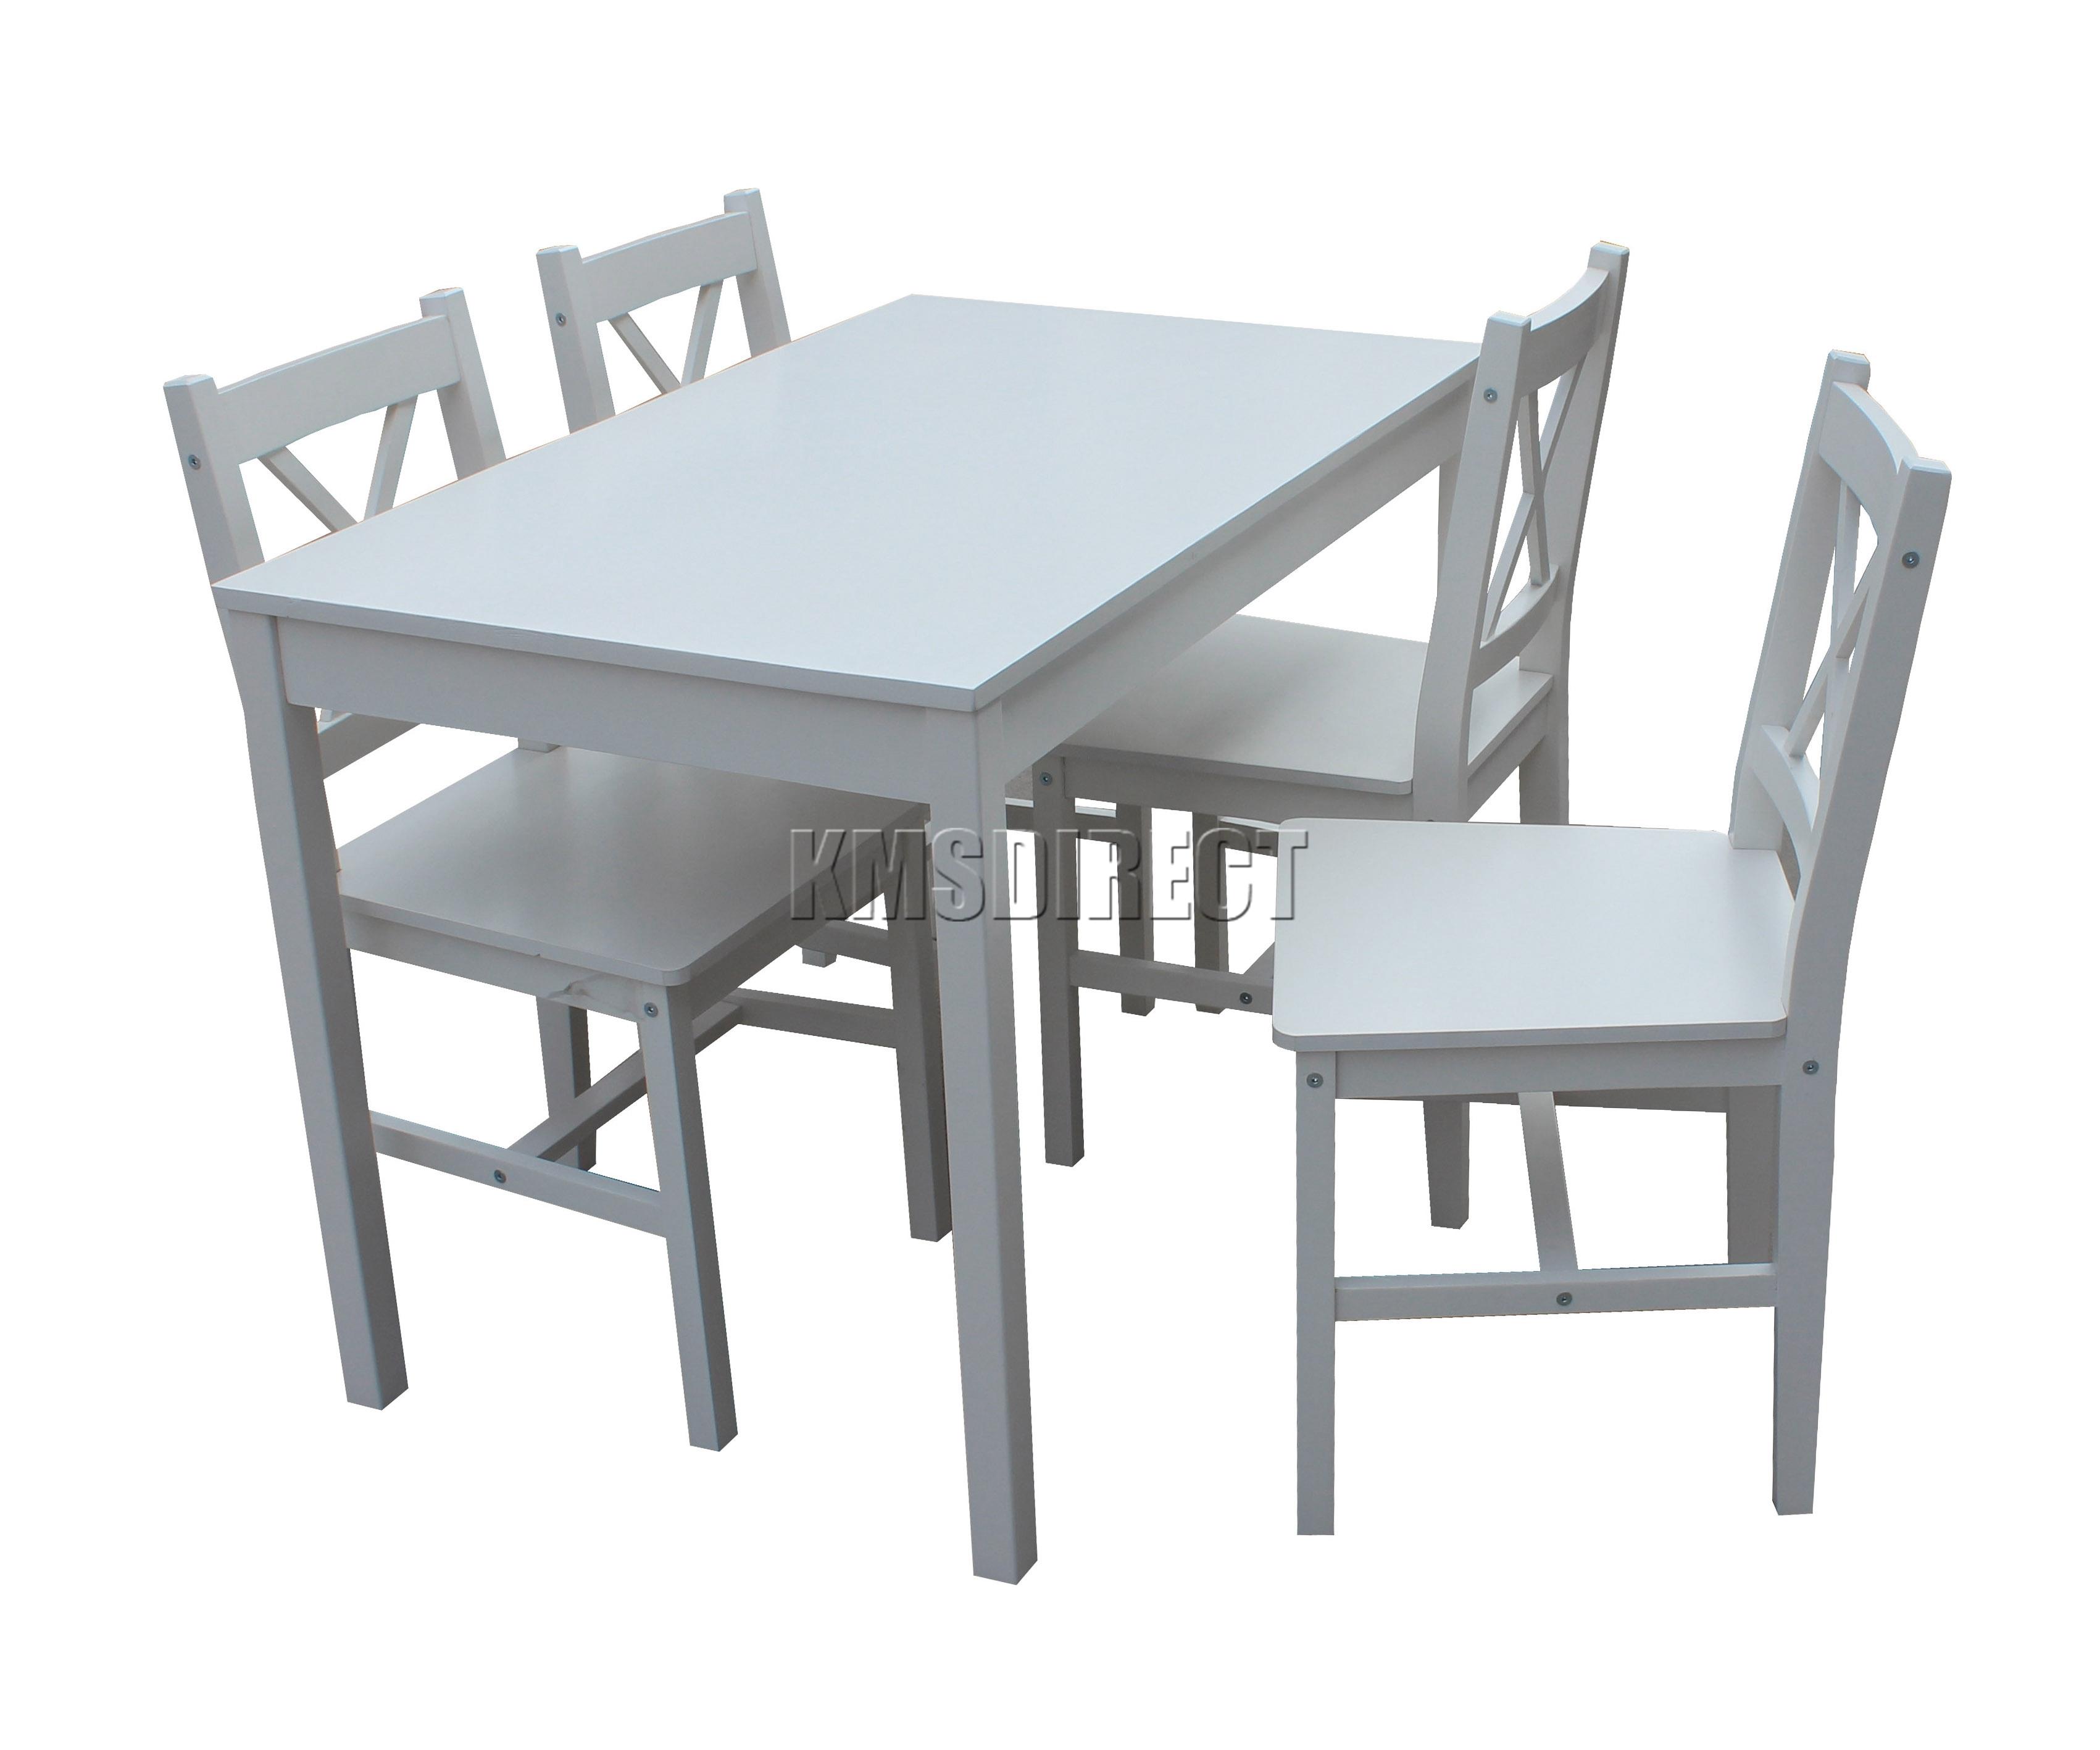 Danni cosmetici in legno massiccio tavolo da pranzo con 4 for Cie 85 table 4